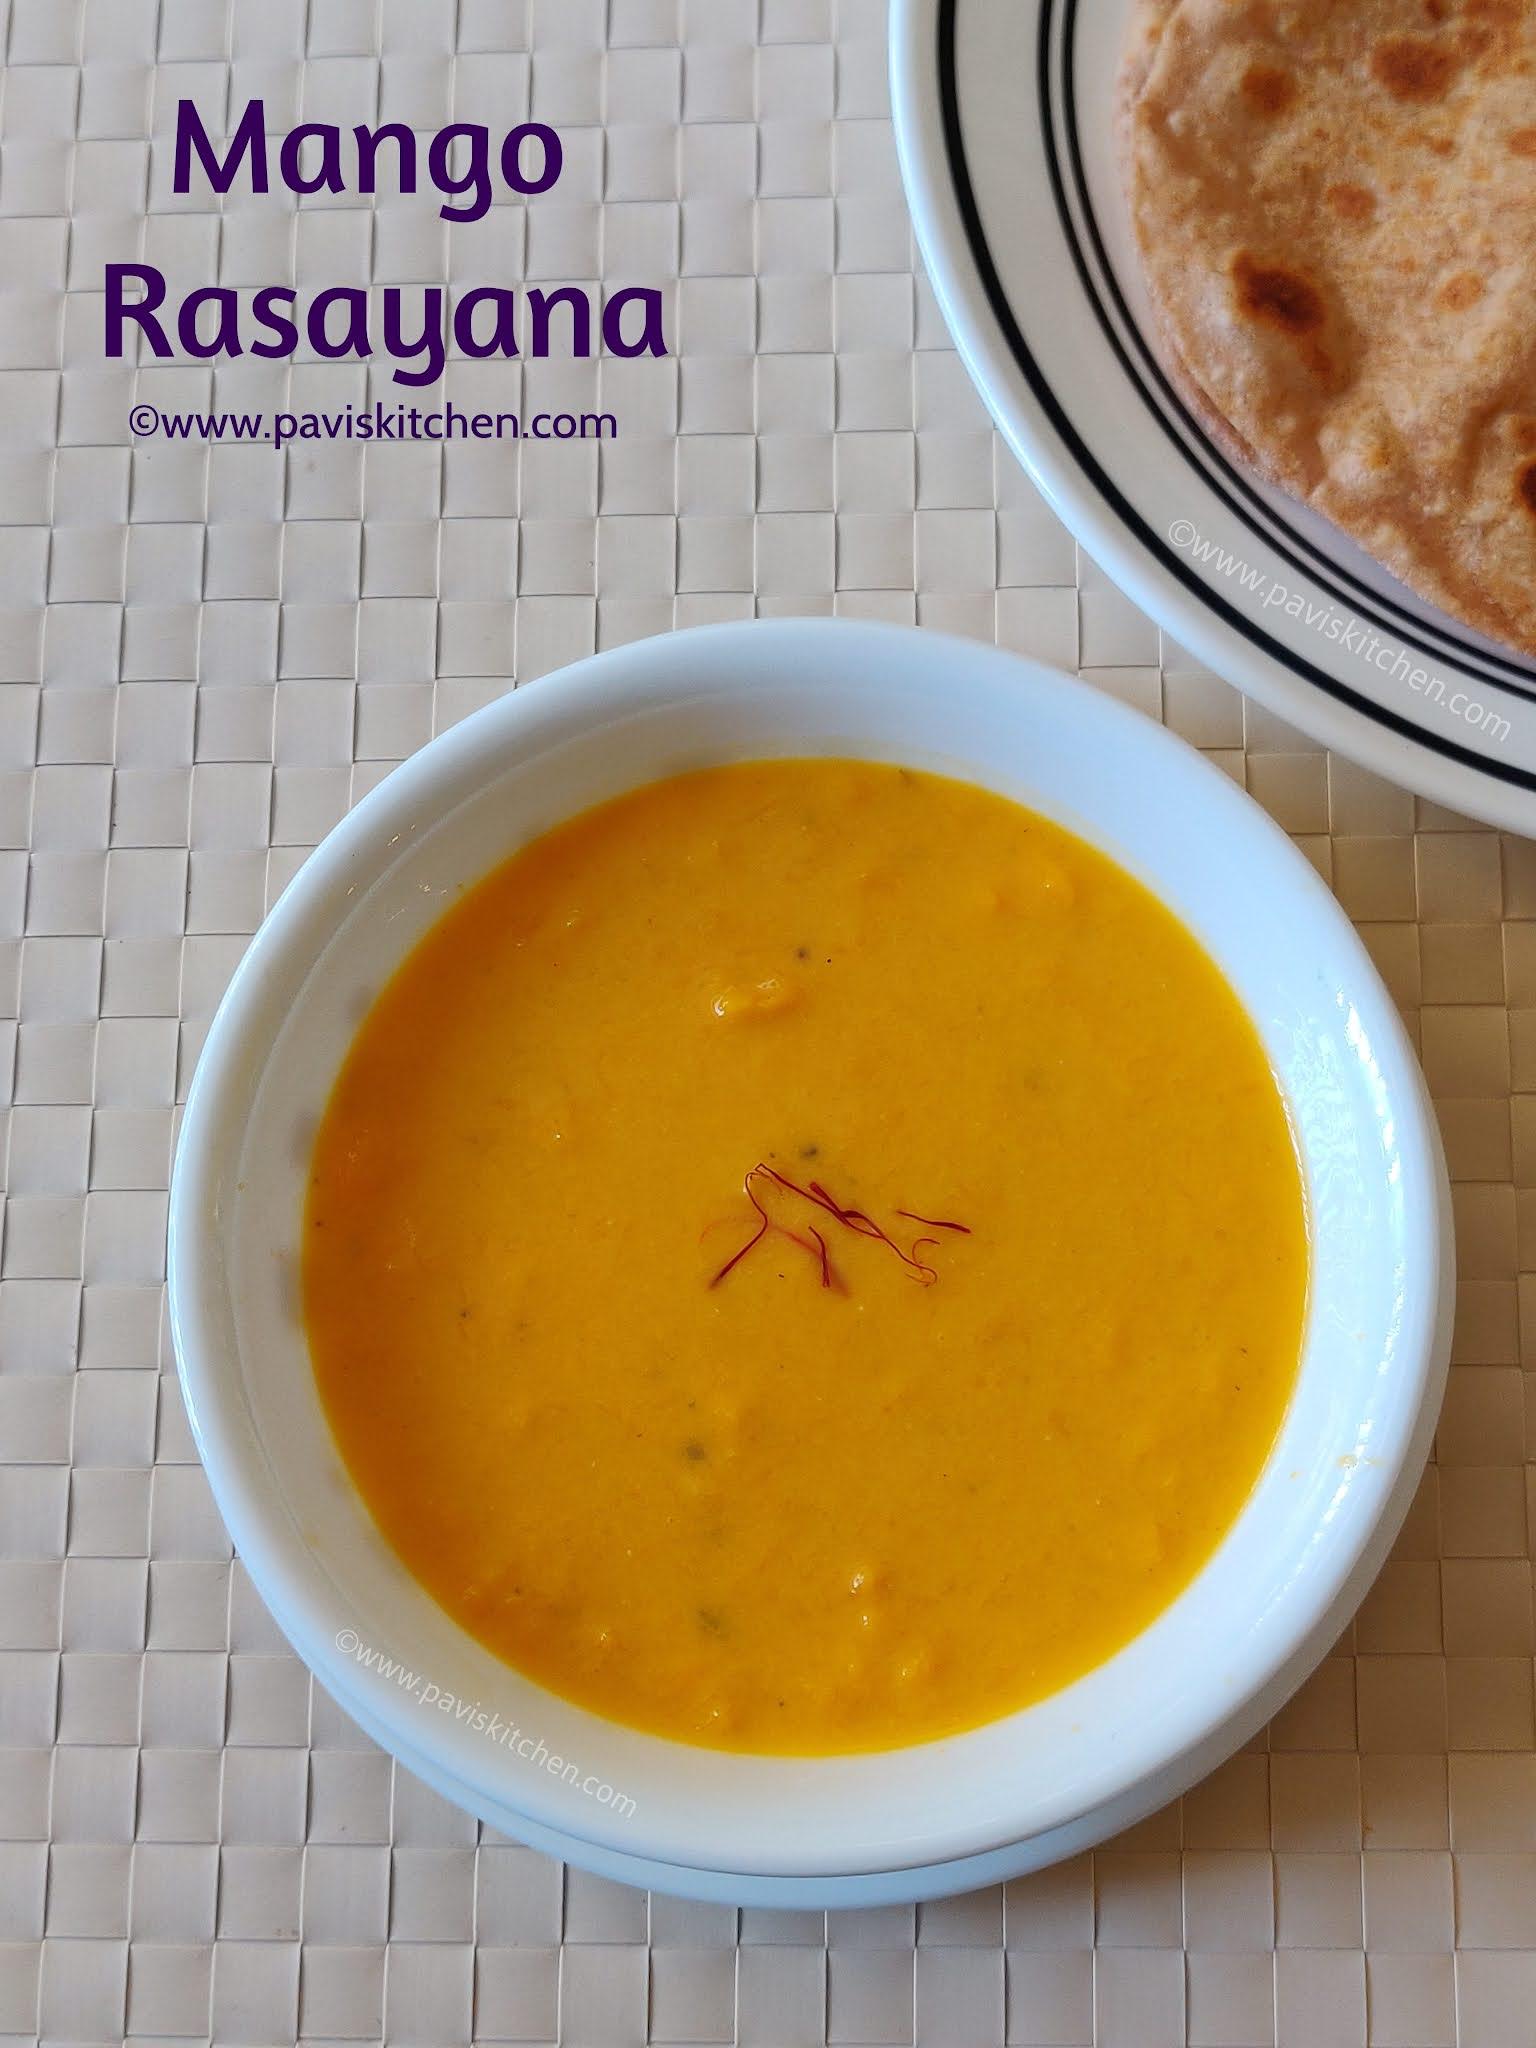 Mango rasayana recipe | mavina hannu rasayna | mango seekarane | mango shikran